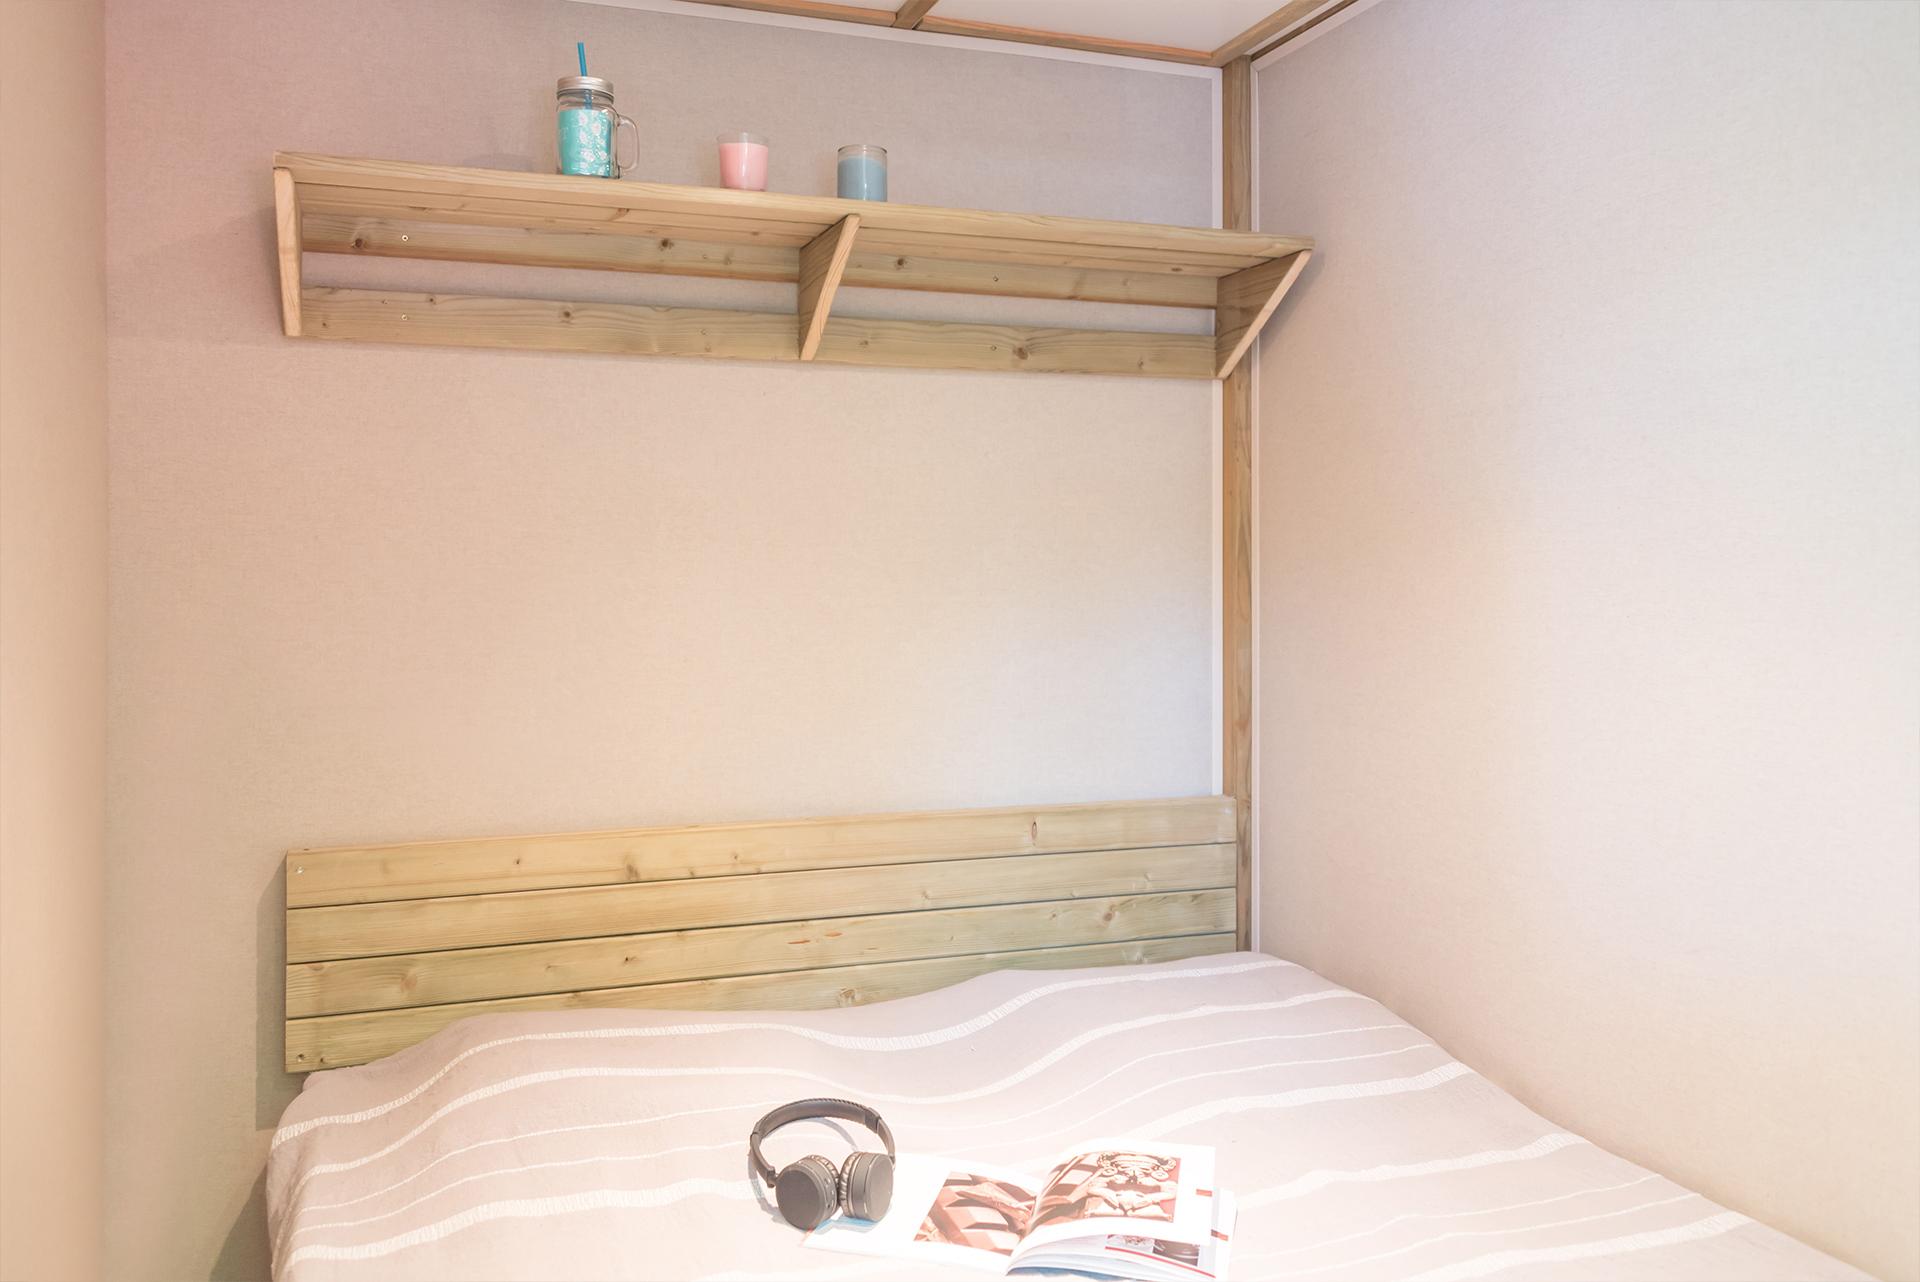 Chambre de mobil-home camping Biarritz